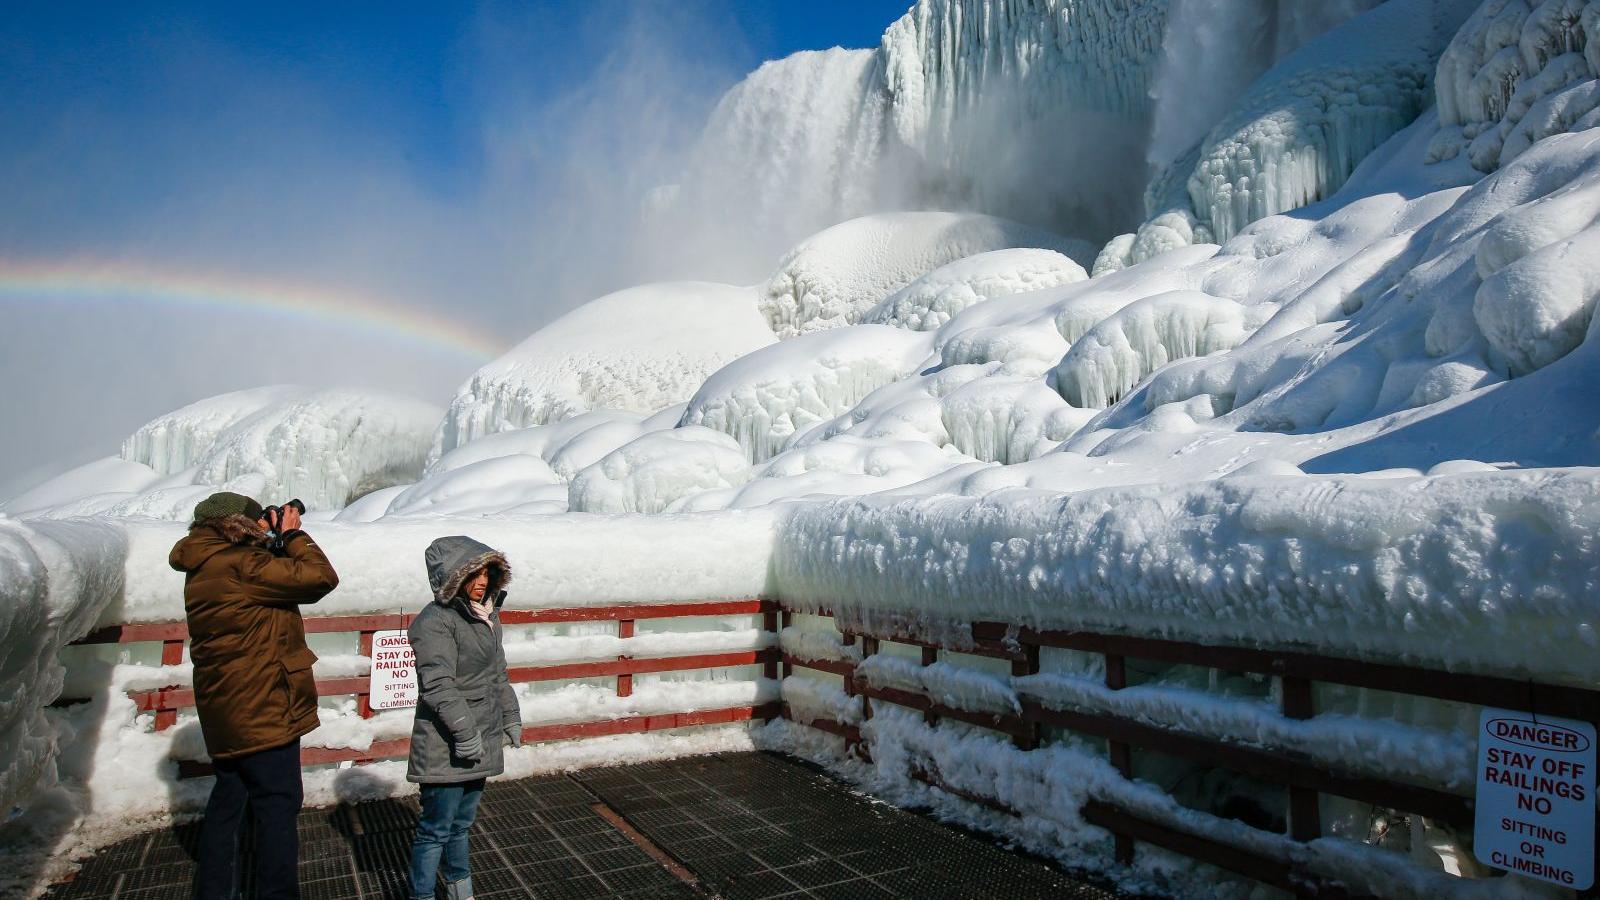 Mráz proměnil slavné Niagarské vodopády v pohádkovou krajinu